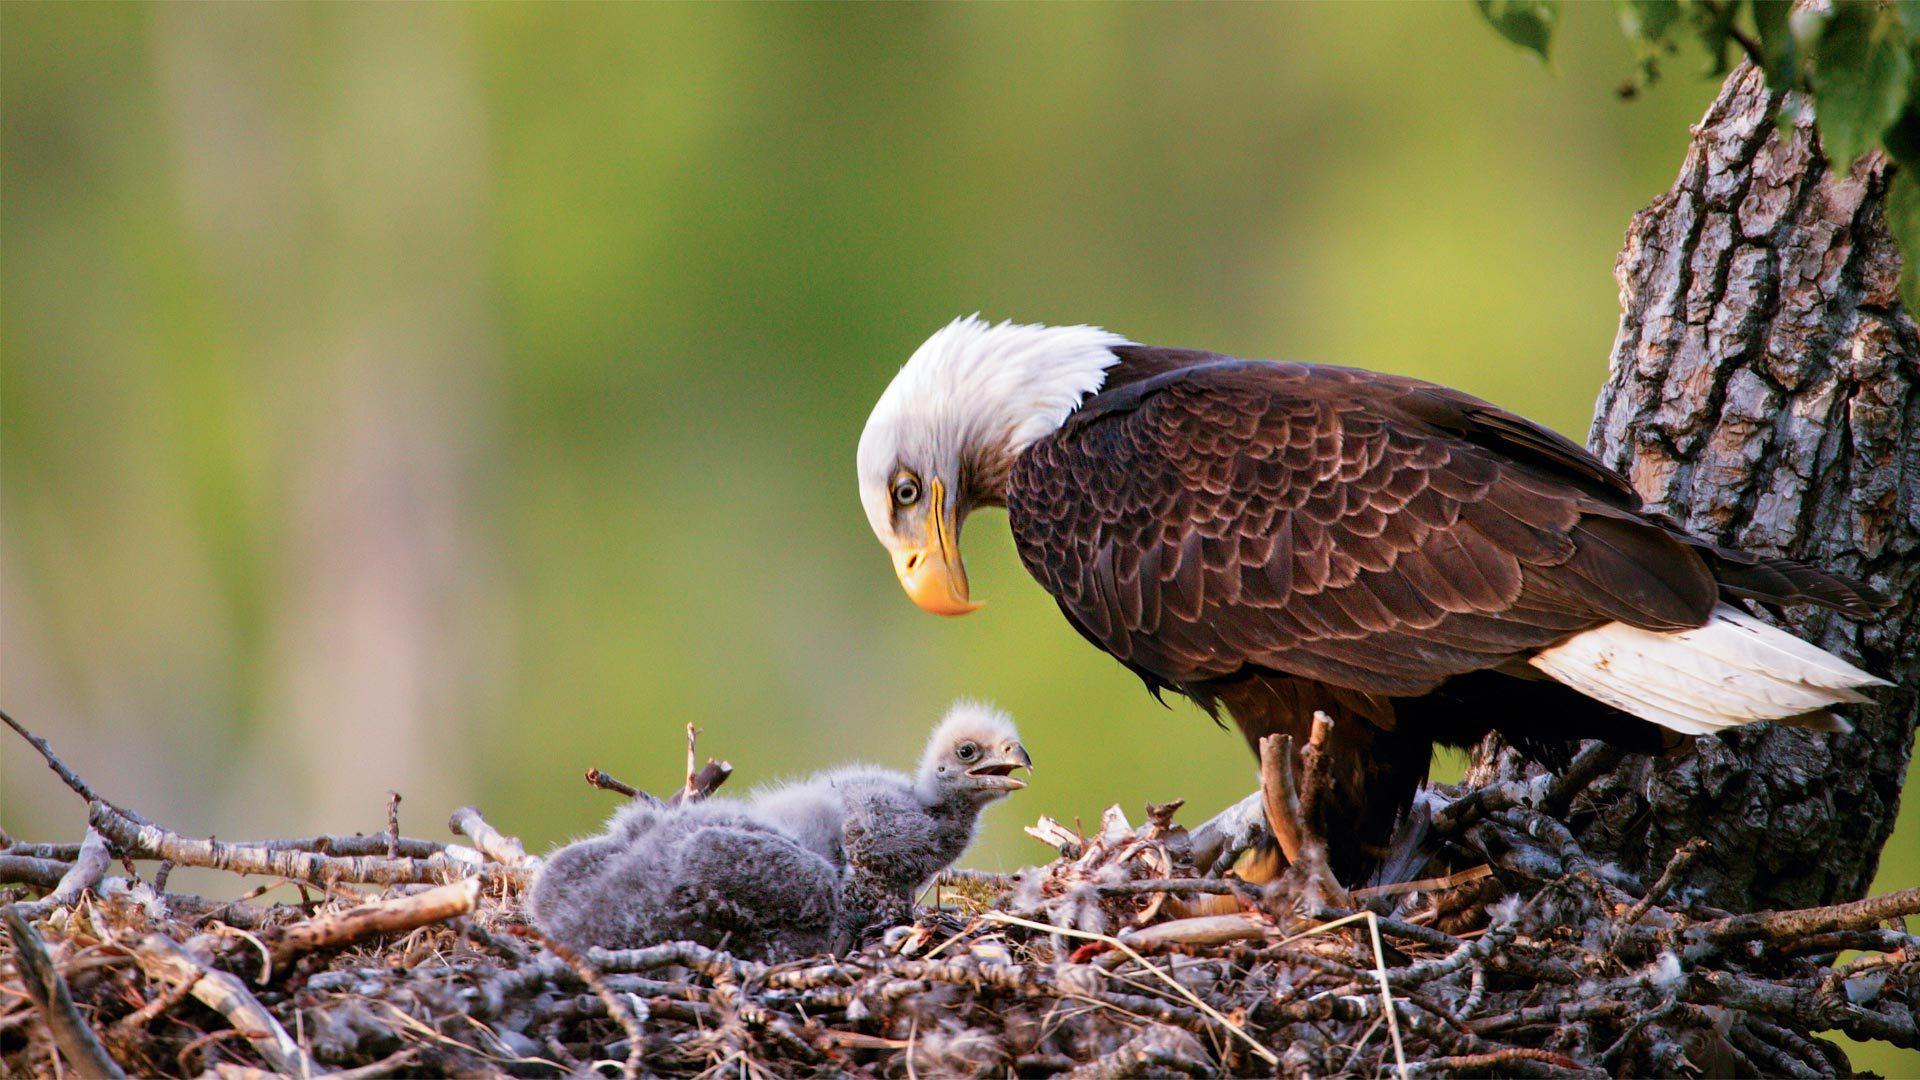 安克雷奇的秃鹰